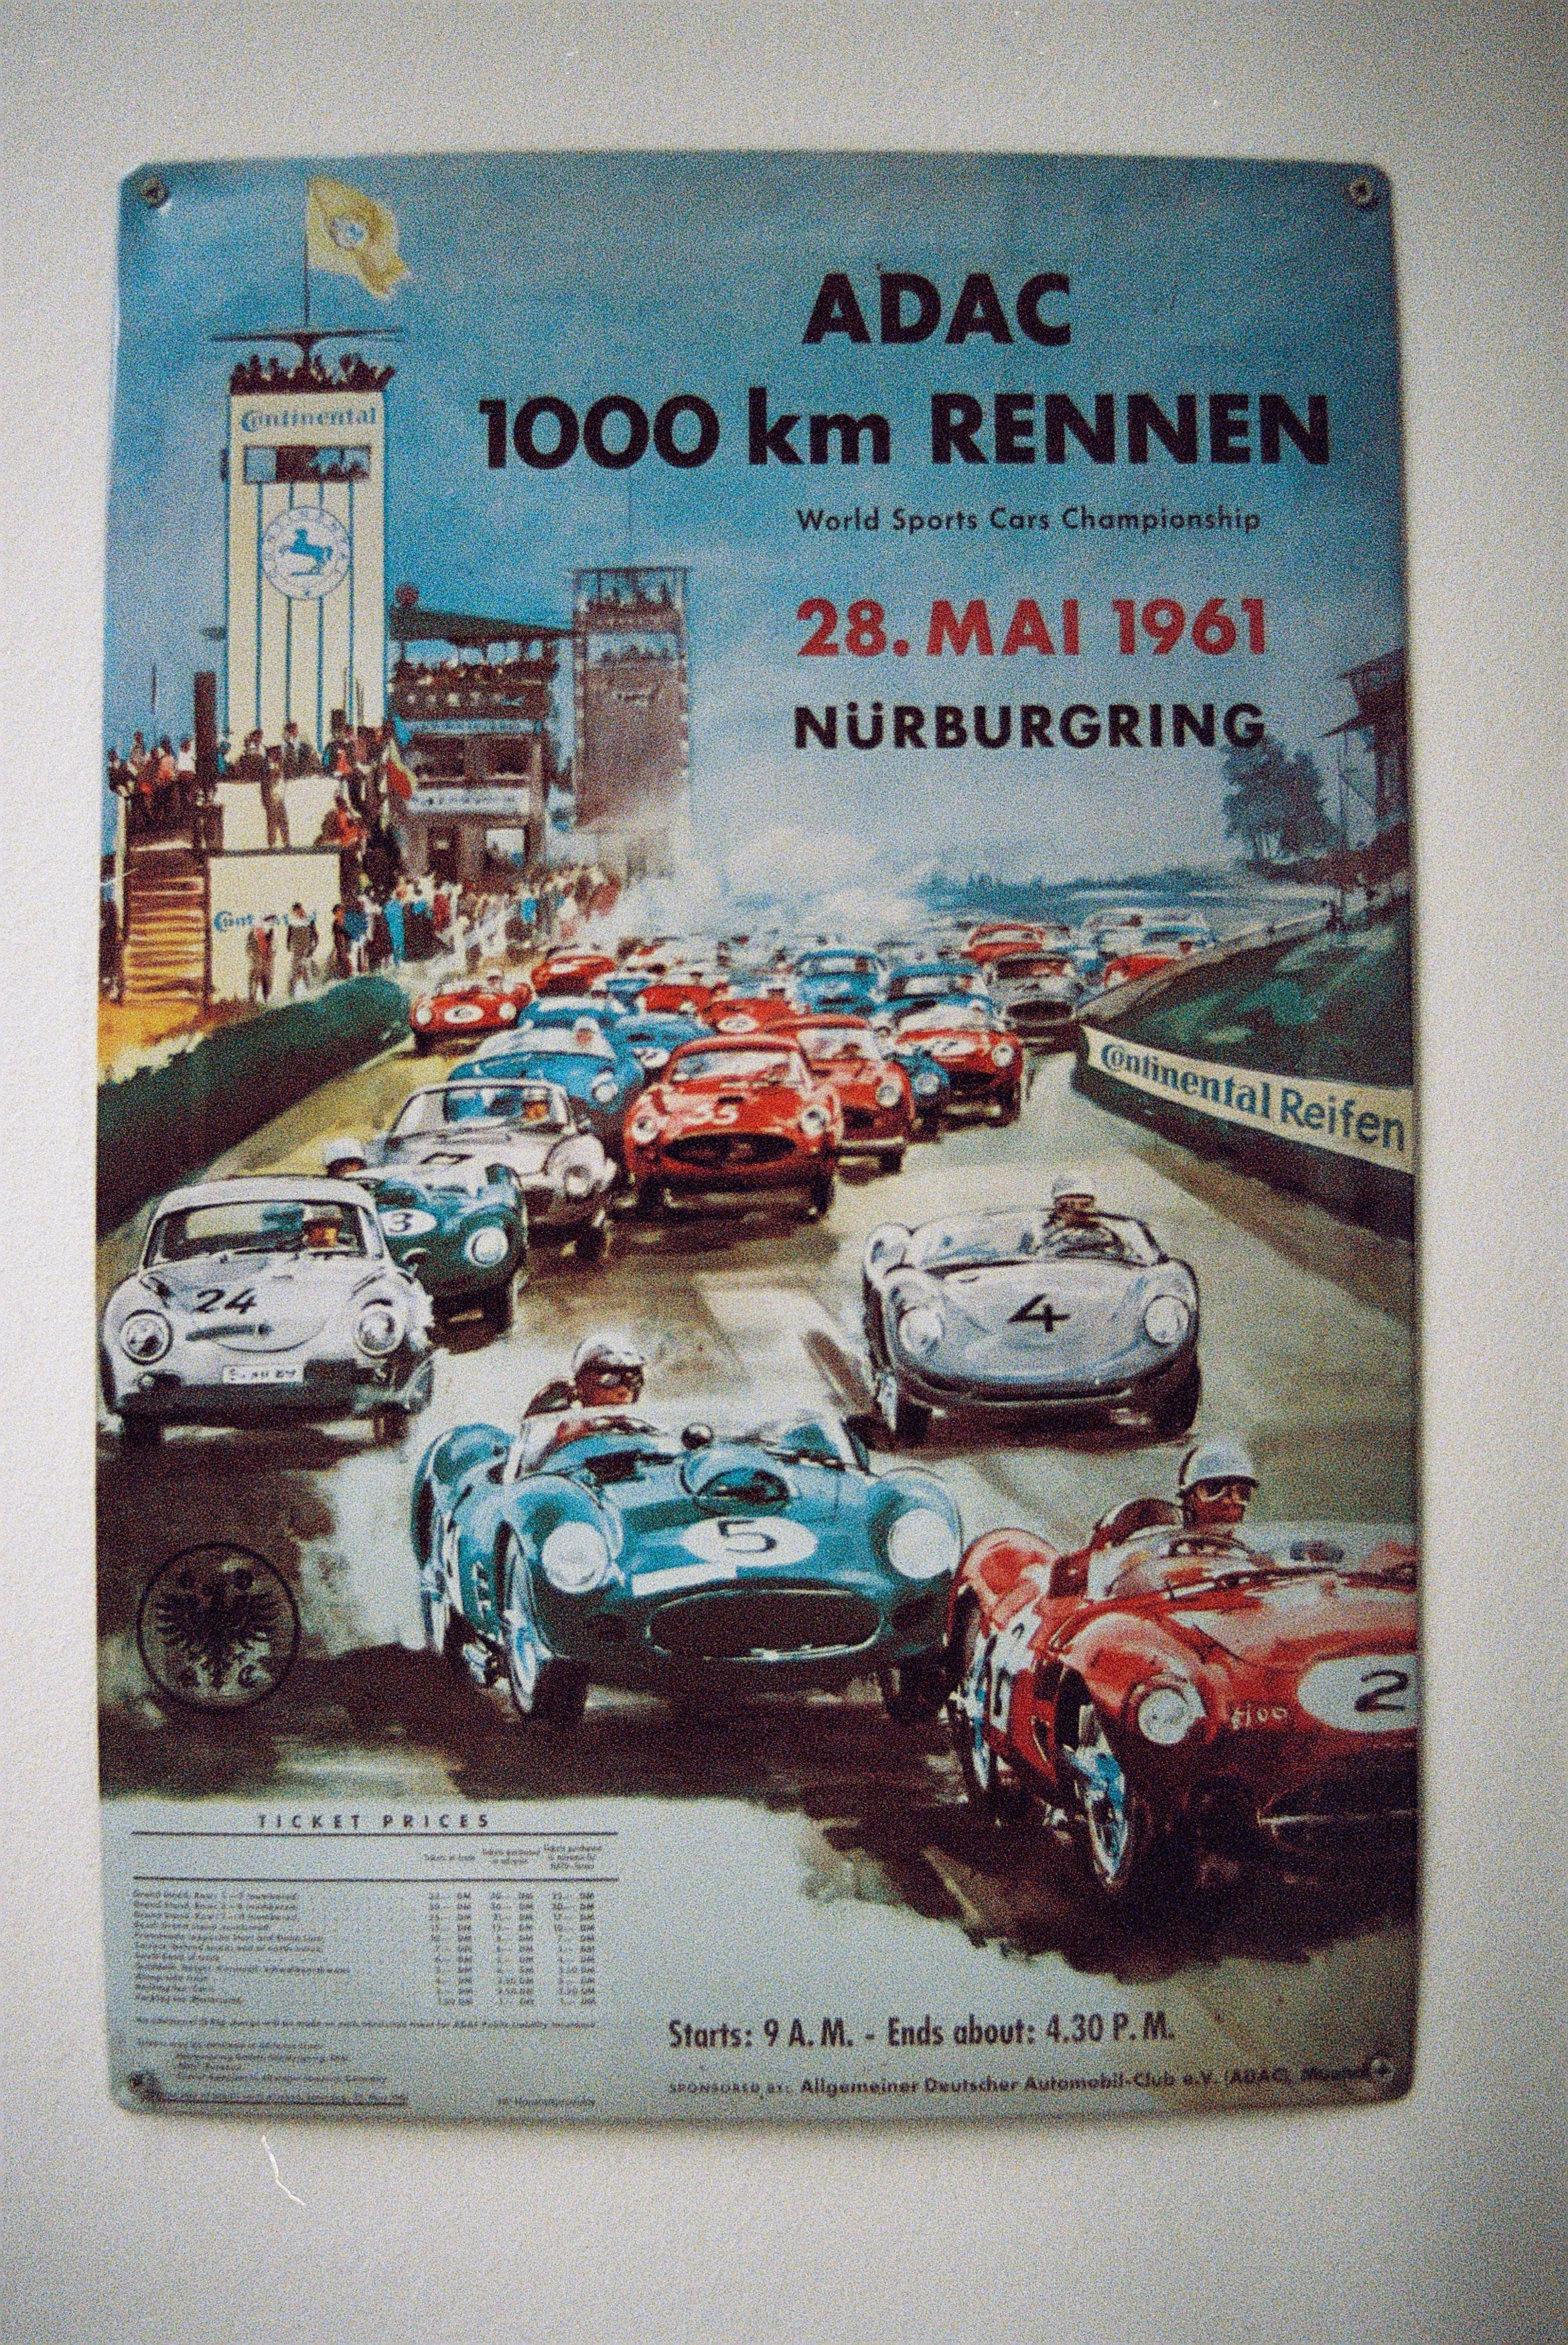 1. Plakatwerbung für Autorennen auf dem Nürburgring 1961.